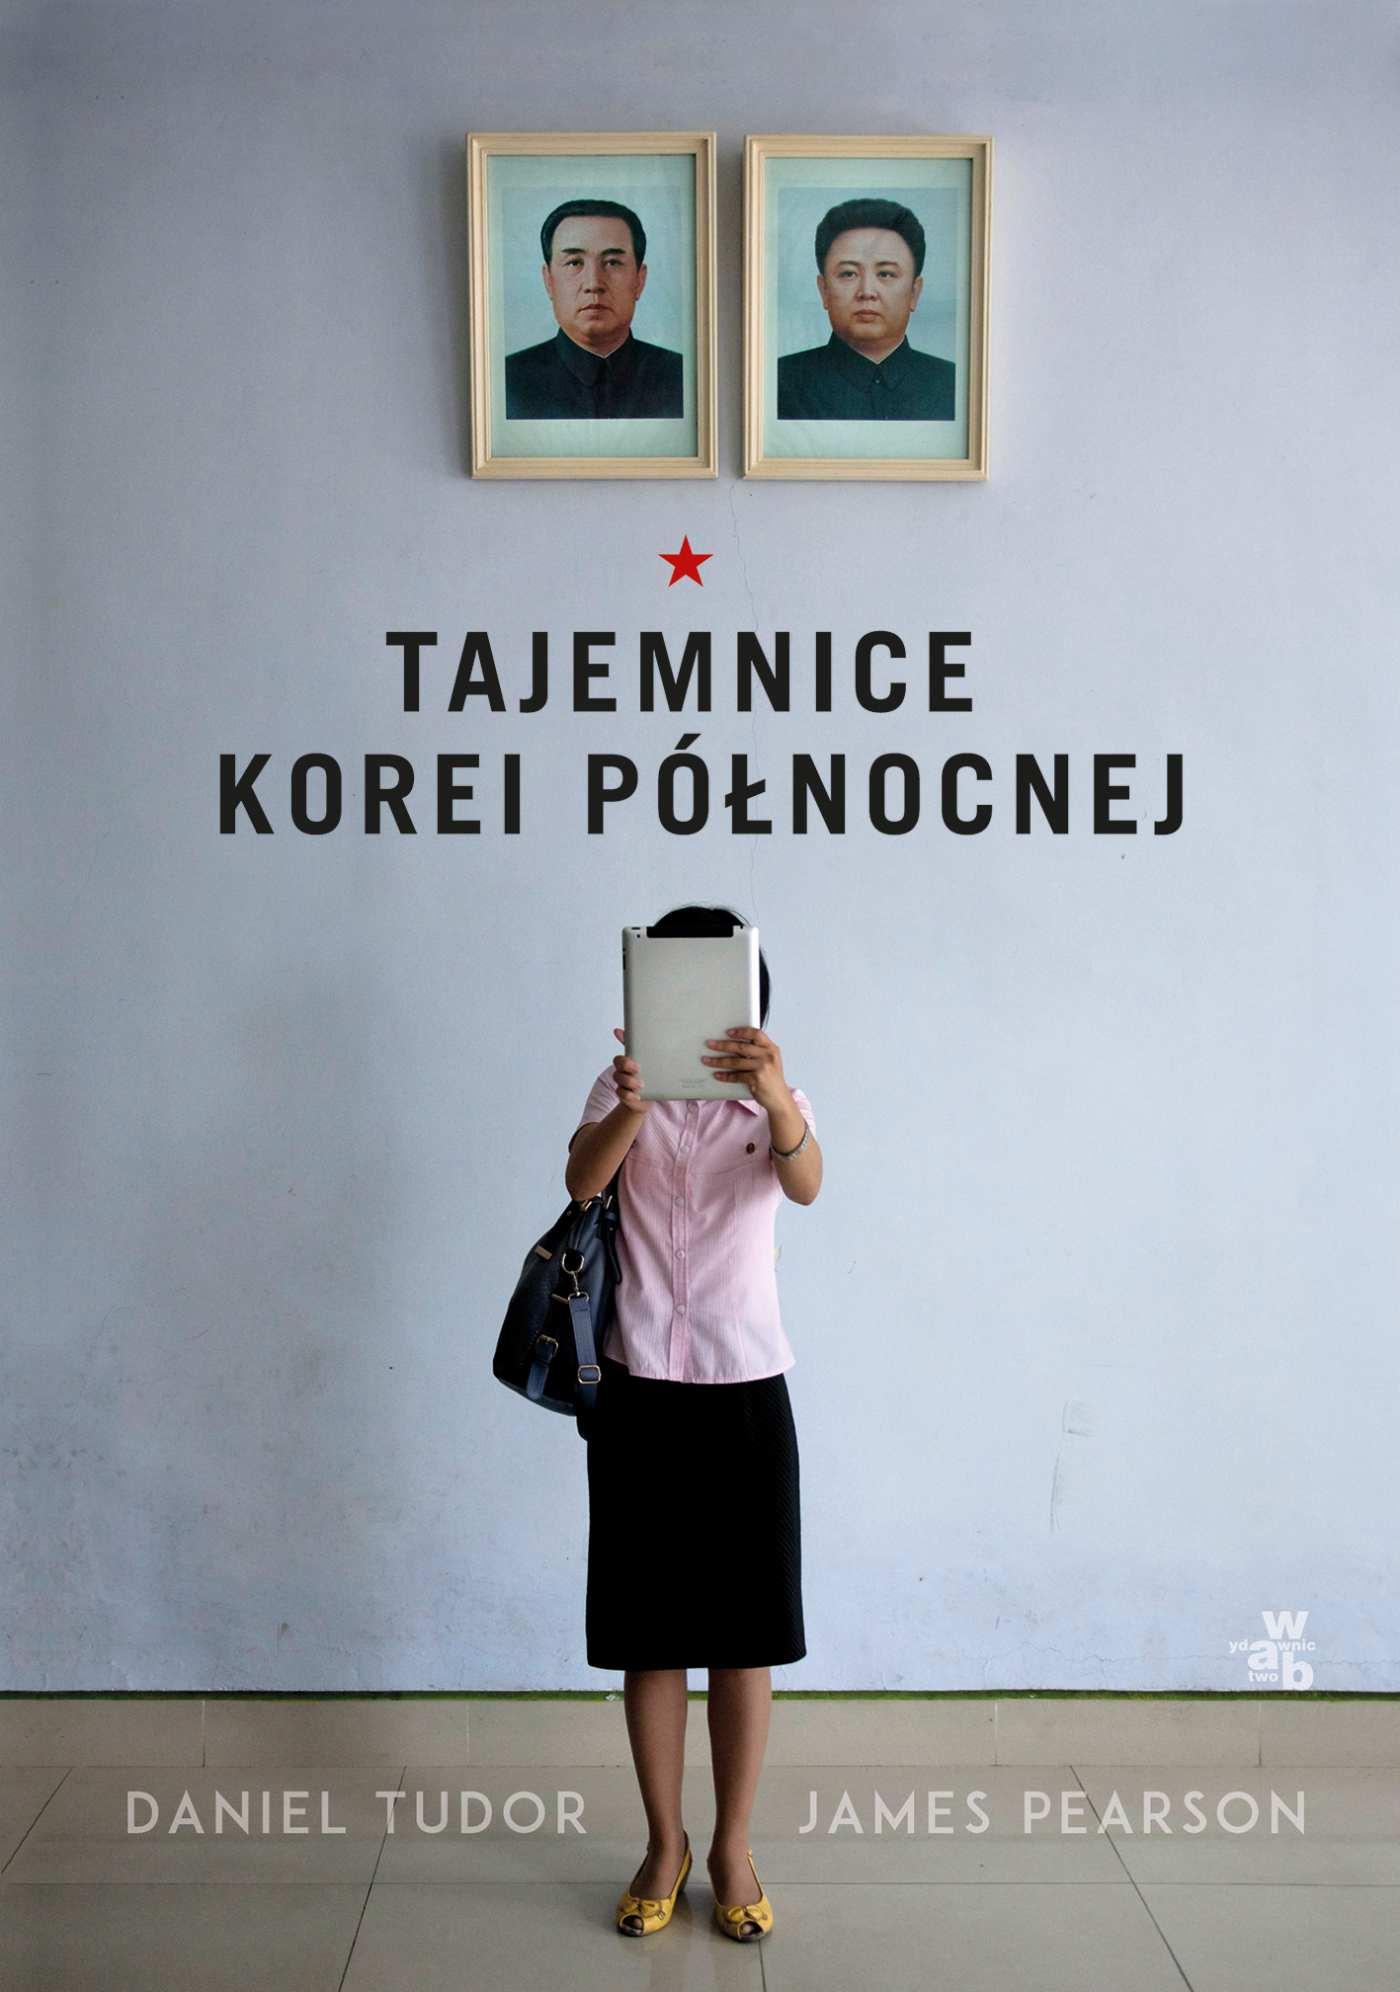 Tajemnice Korei Północnej - Ebook (Książka EPUB) do pobrania w formacie EPUB